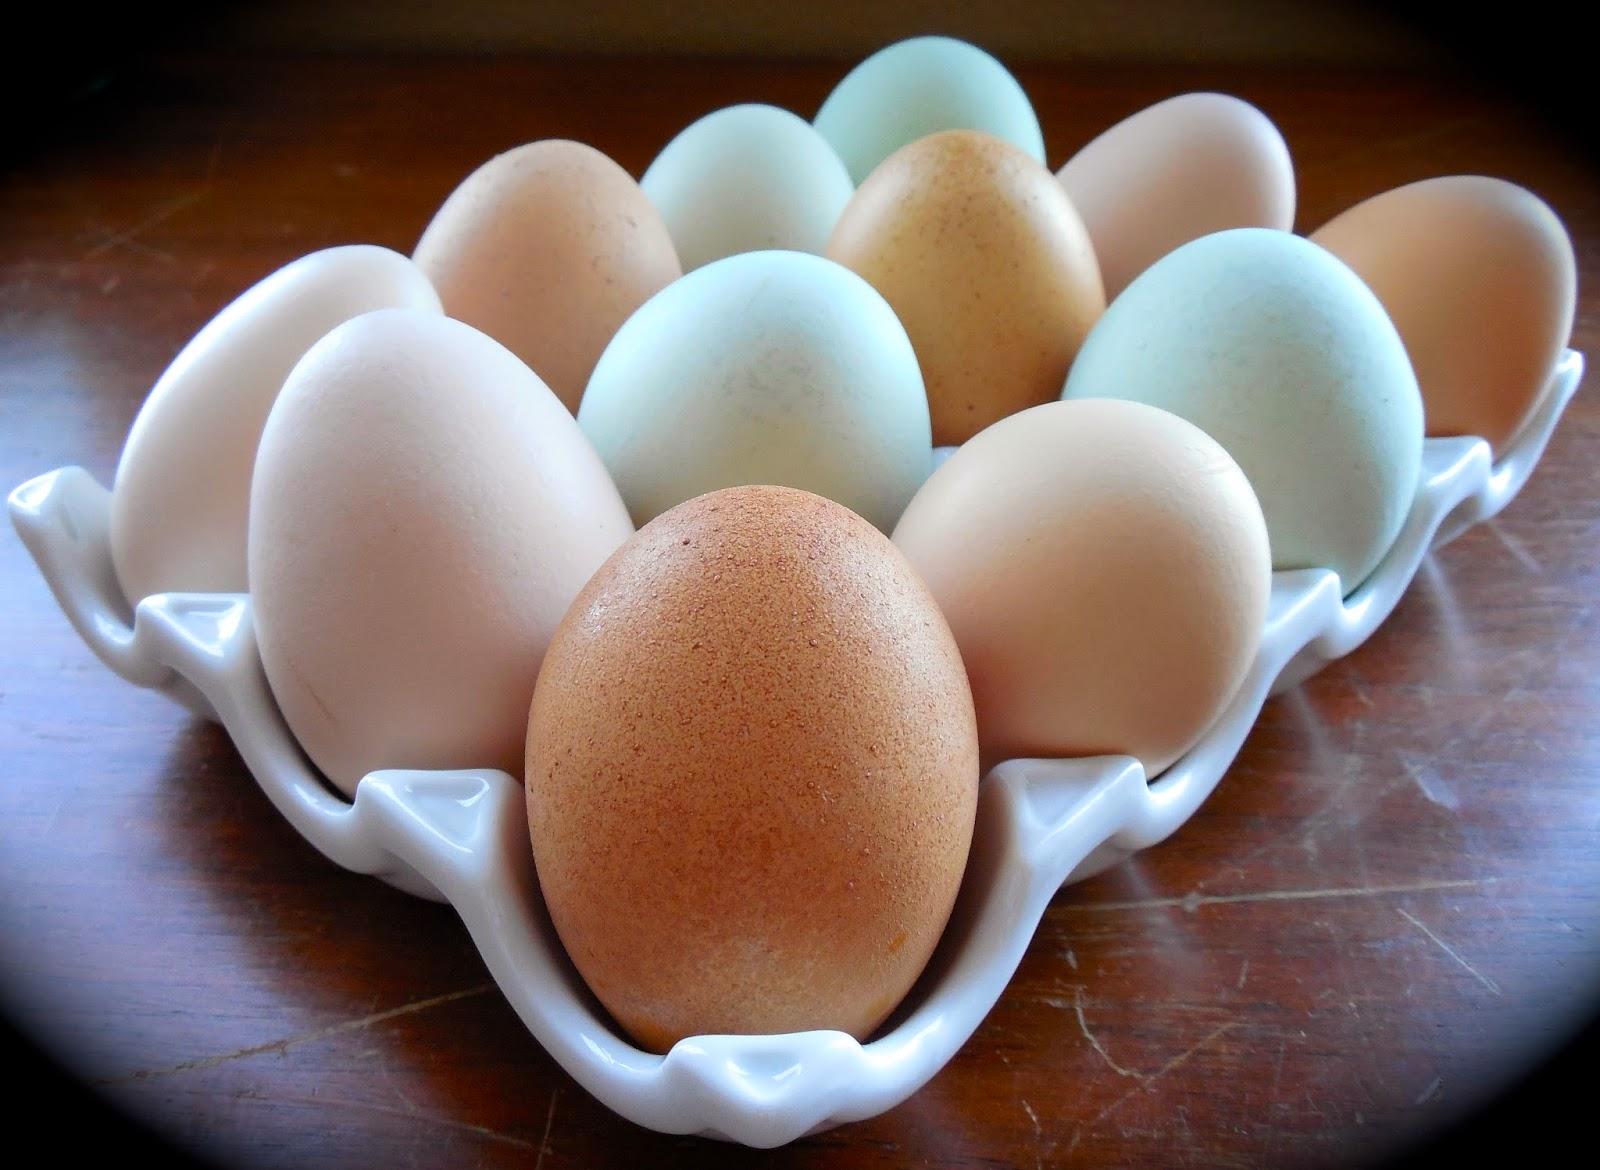 how to make fresh boiled eggs peel easier